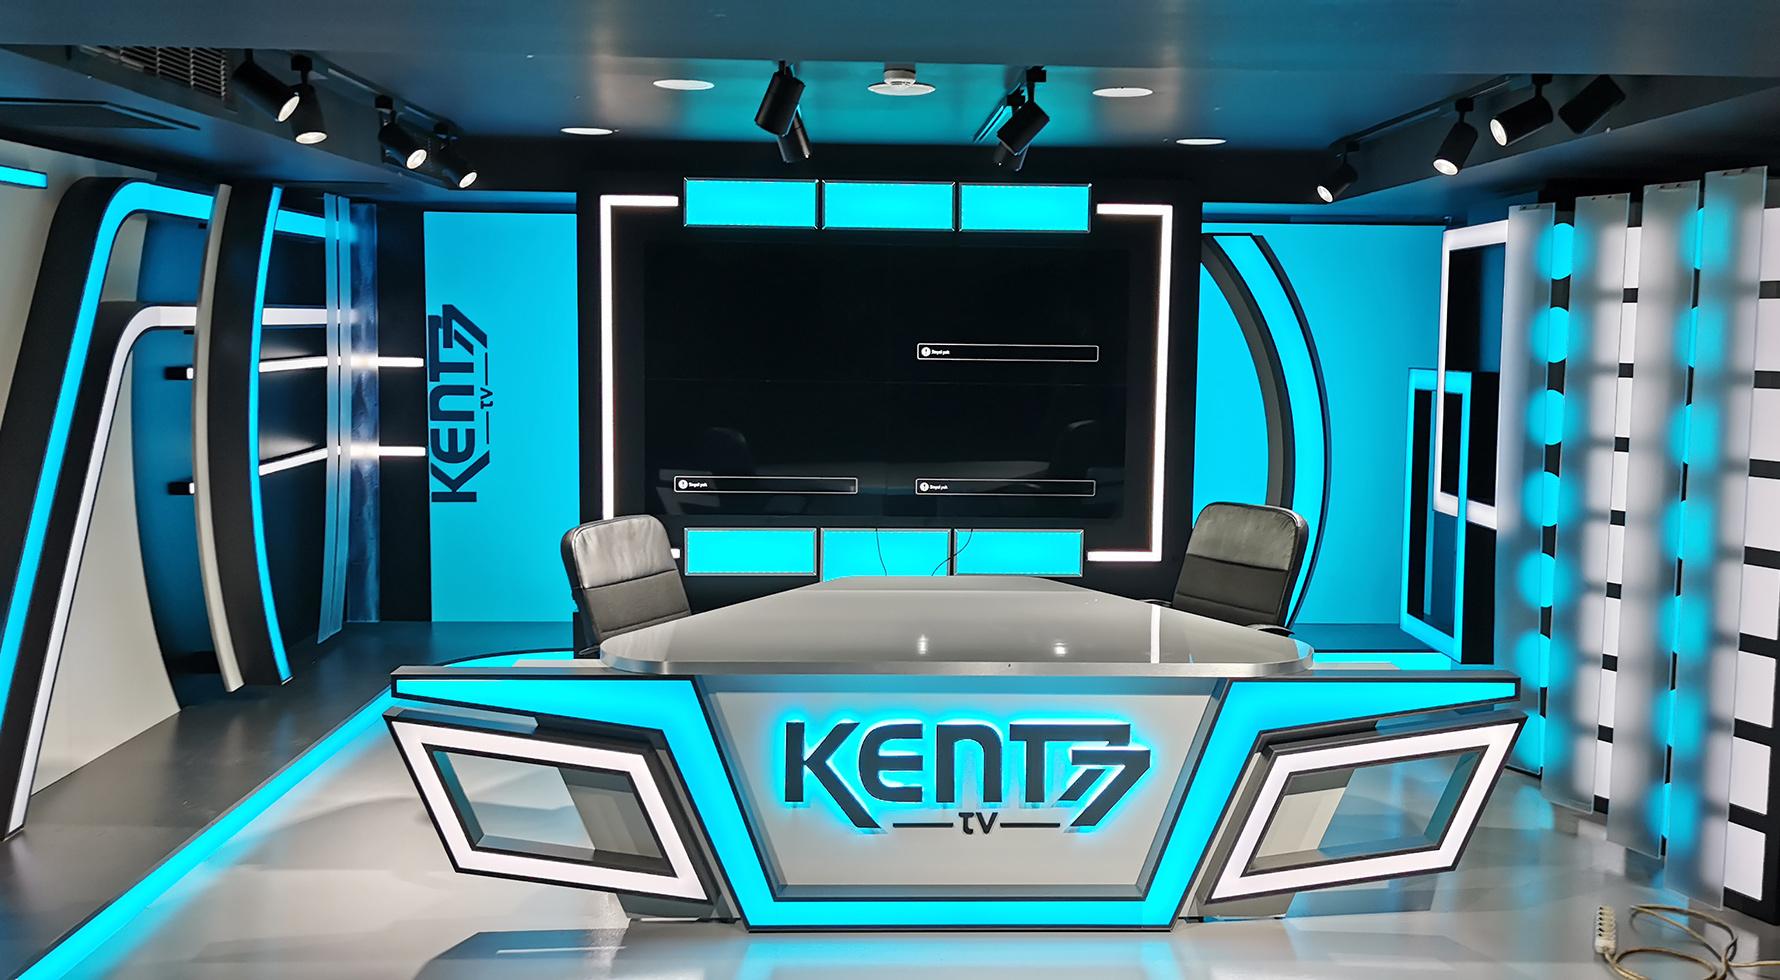 KENT77 WEB TV